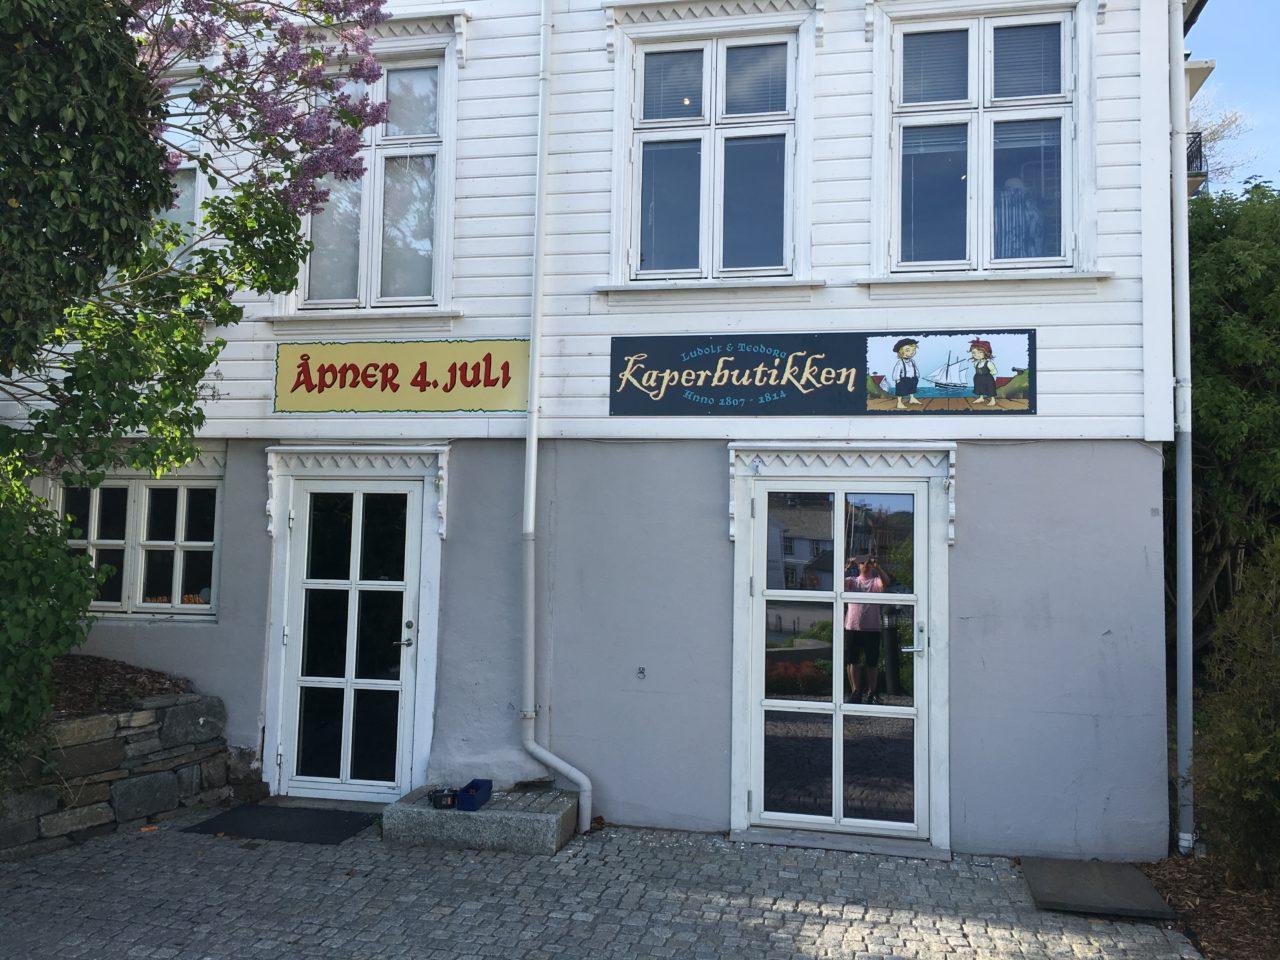 Kaperbutikken Farsund